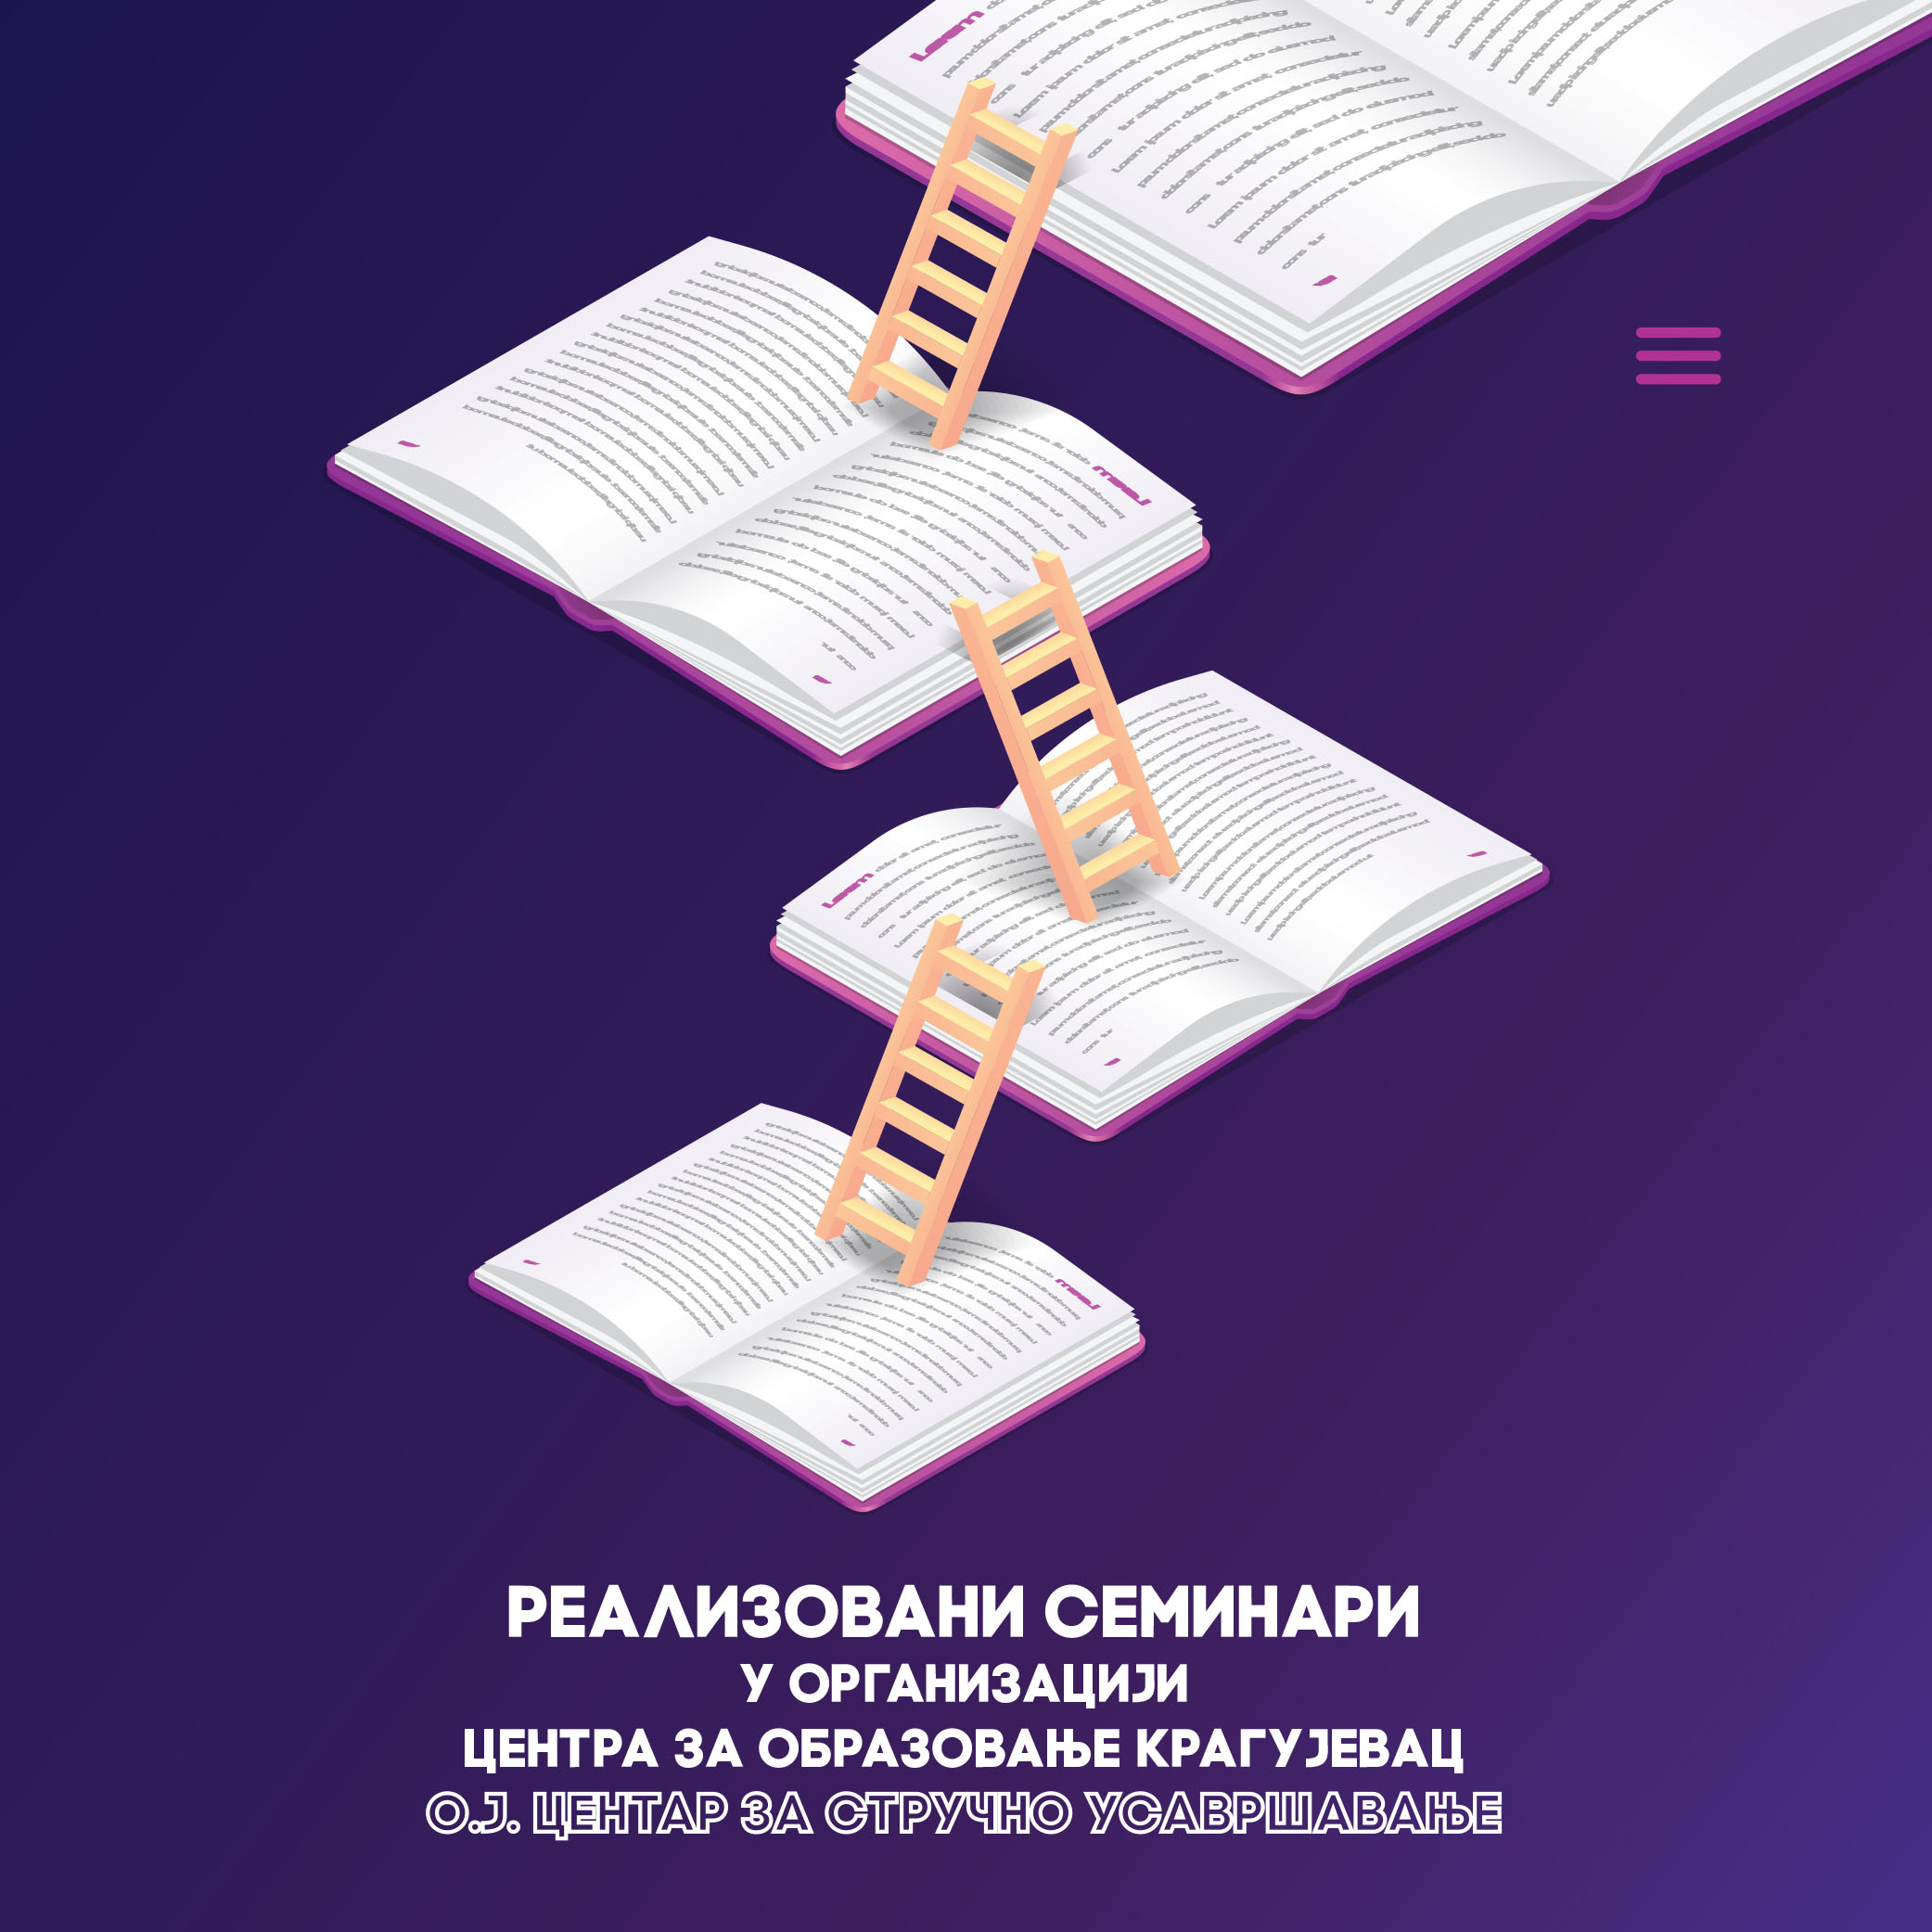 Реализација још два семинара у Крагујевцу